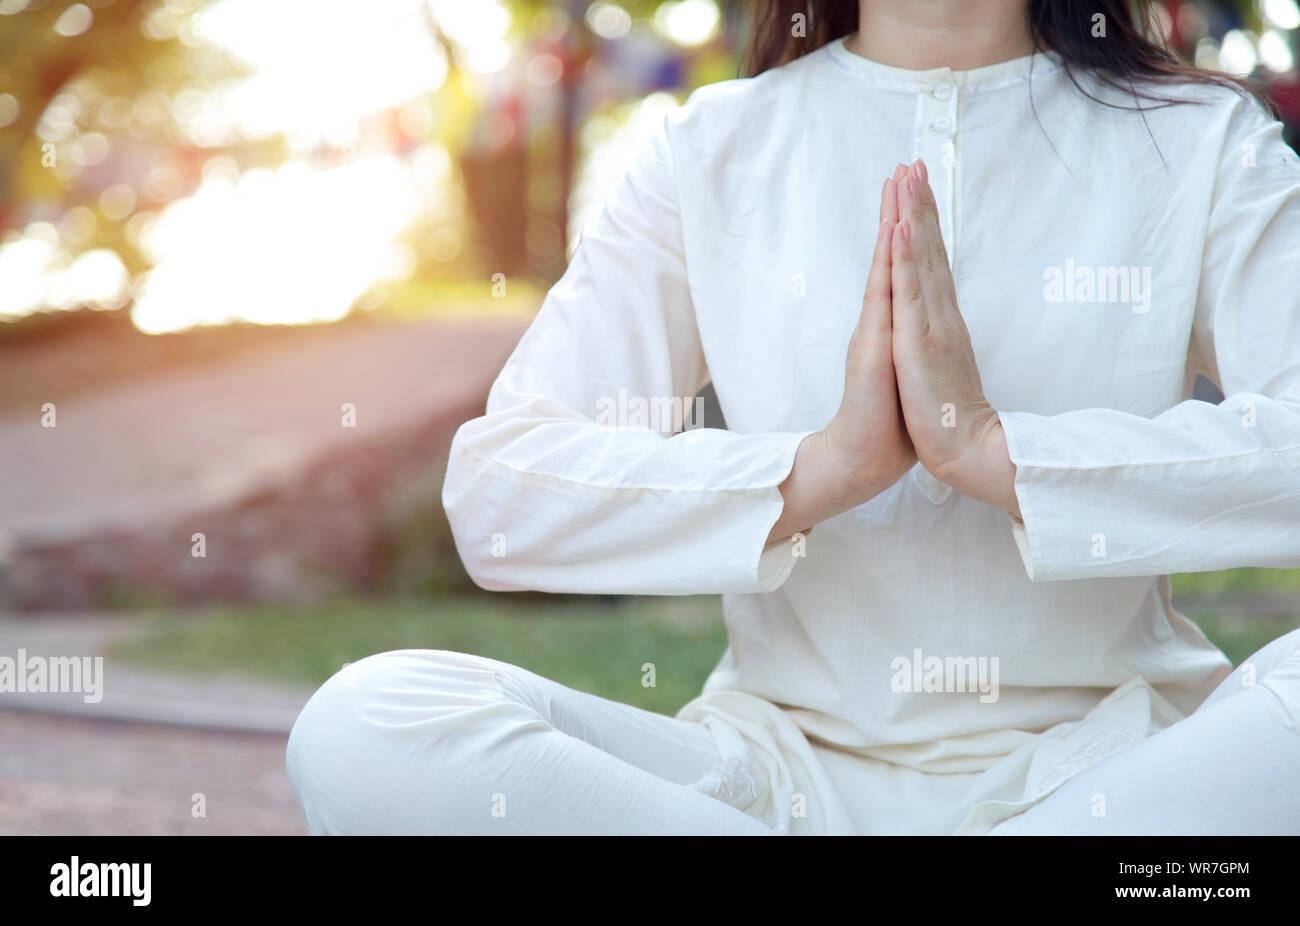 Cerca de la mujer de manos en namaste. La meditación en el fondo del templo y de la naturaleza. Clases de yoga en un centro de retiro. Foto de stock